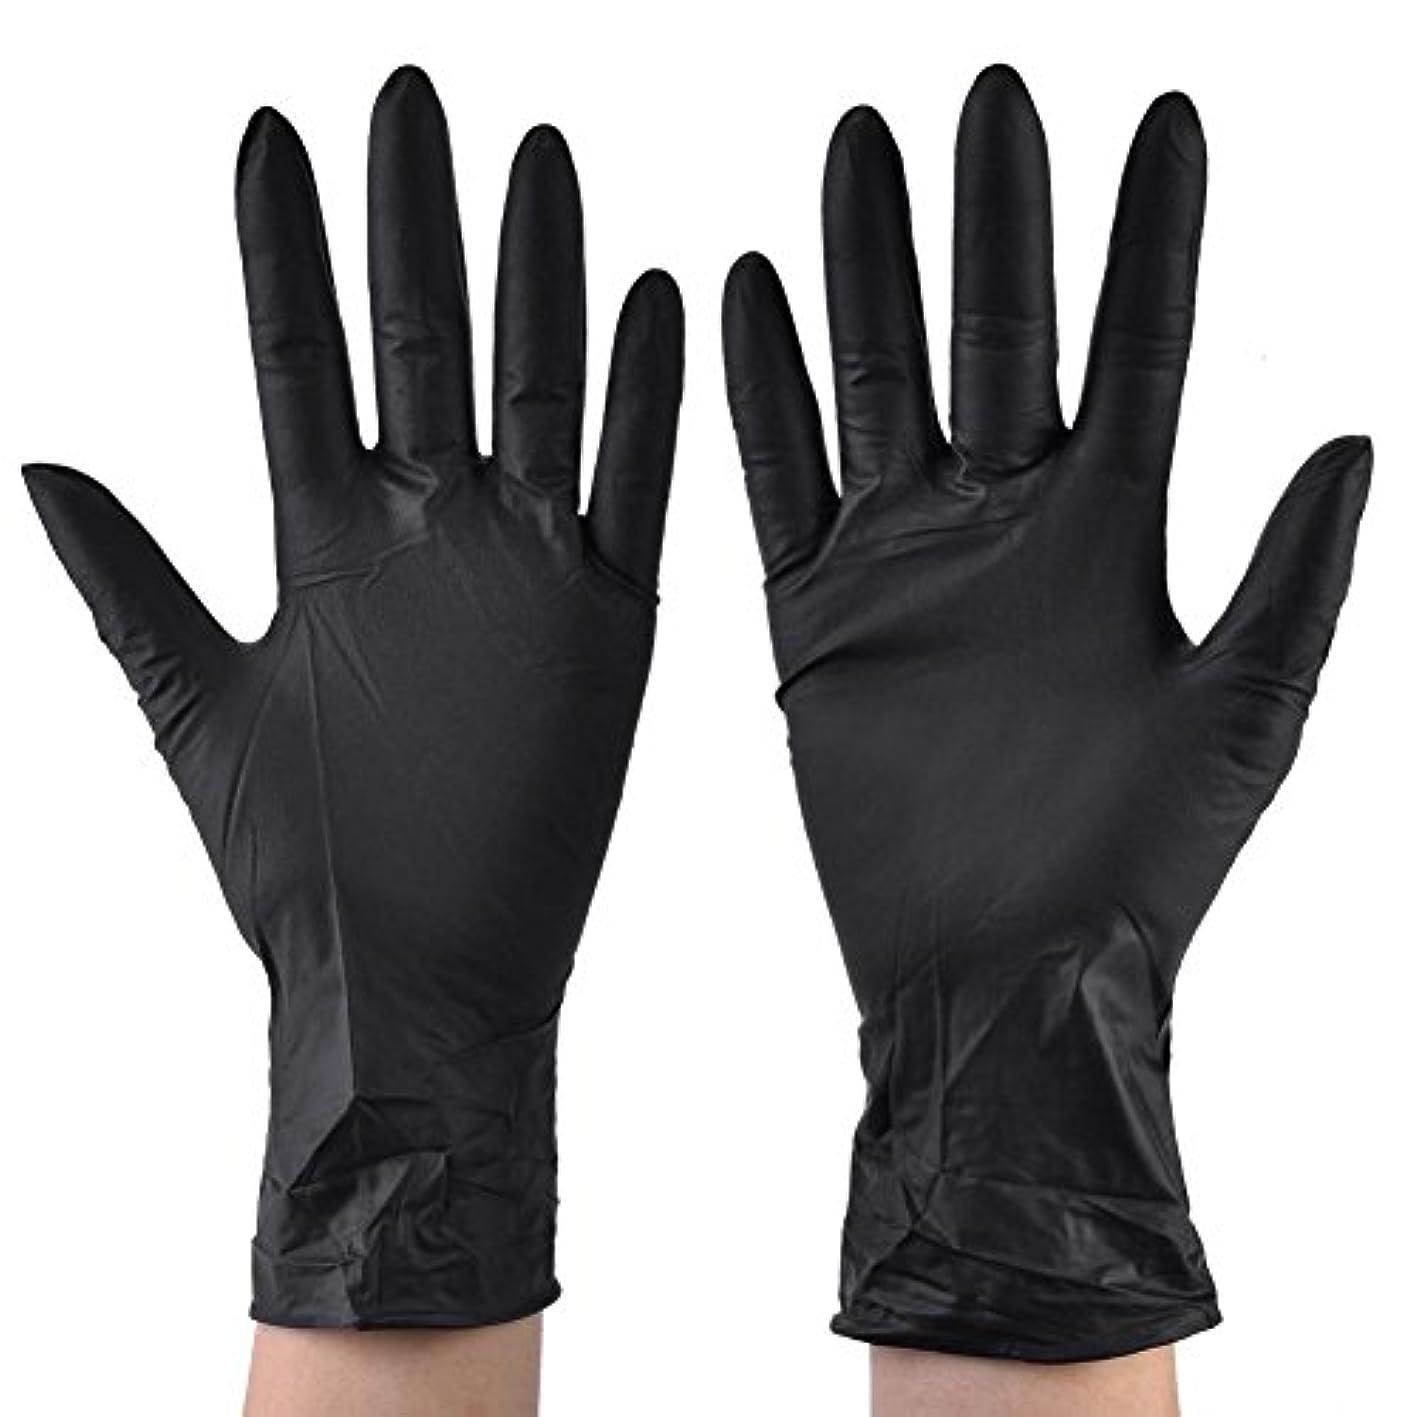 番目サイクル失敗使い捨て手袋 ニトリルグローブ ホワイト 粉なし 工業用/医療用/理美容用/レストラン用 M/L選択可 100枚 左右兼用 作業手袋(M)